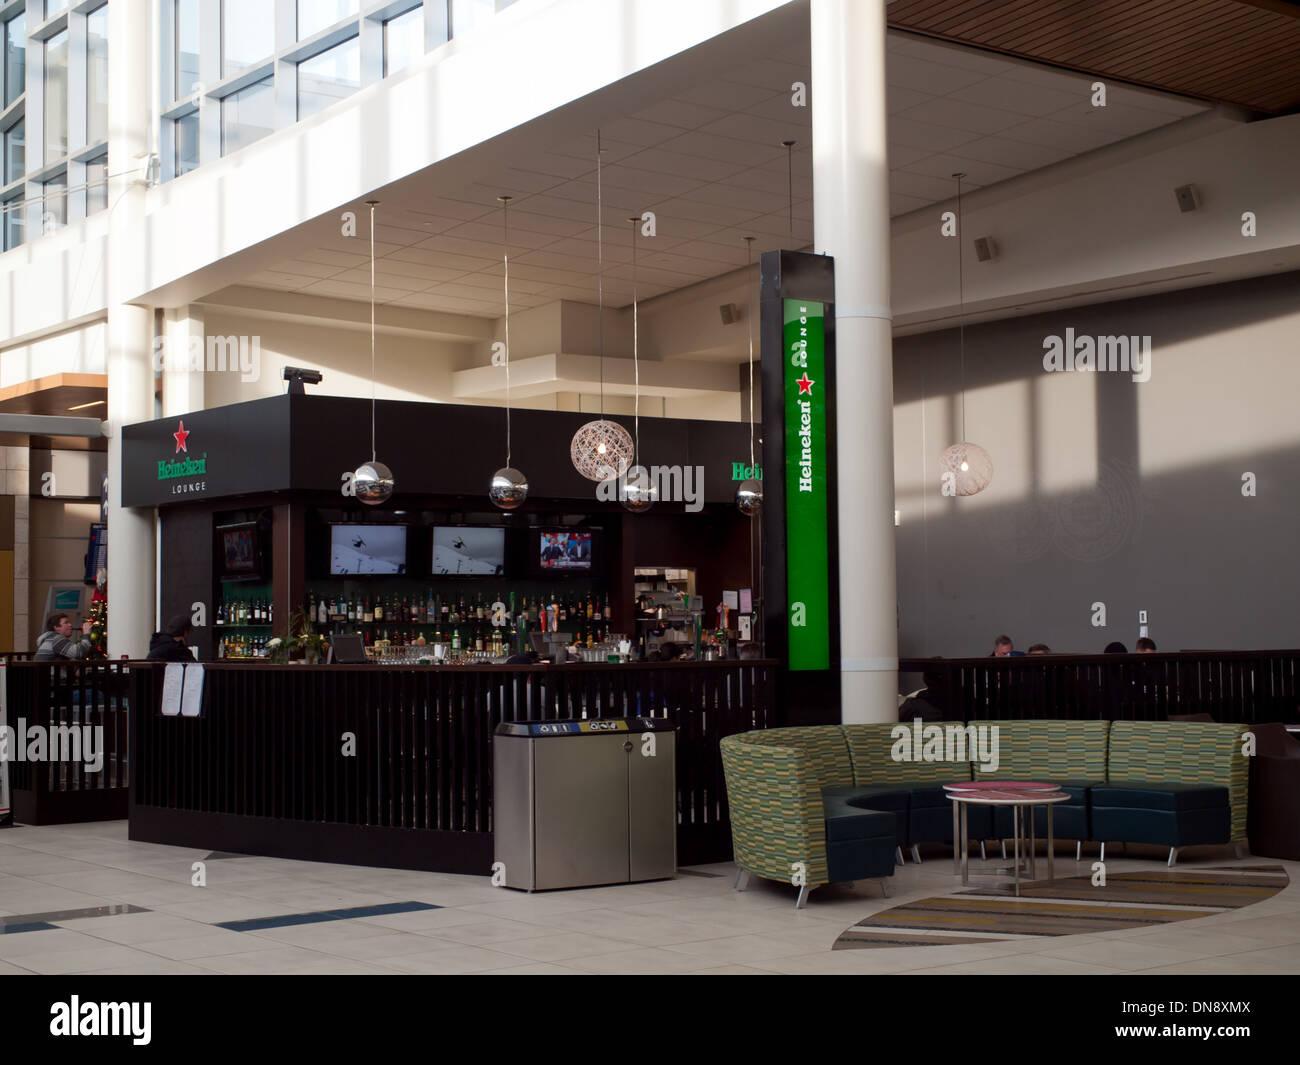 Una vista de la Heineken Lounge en el Aeropuerto Internacional de Edmonton (código de aeropuerto: YEG) en Edmonton, Alberta, Canadá. Imagen De Stock